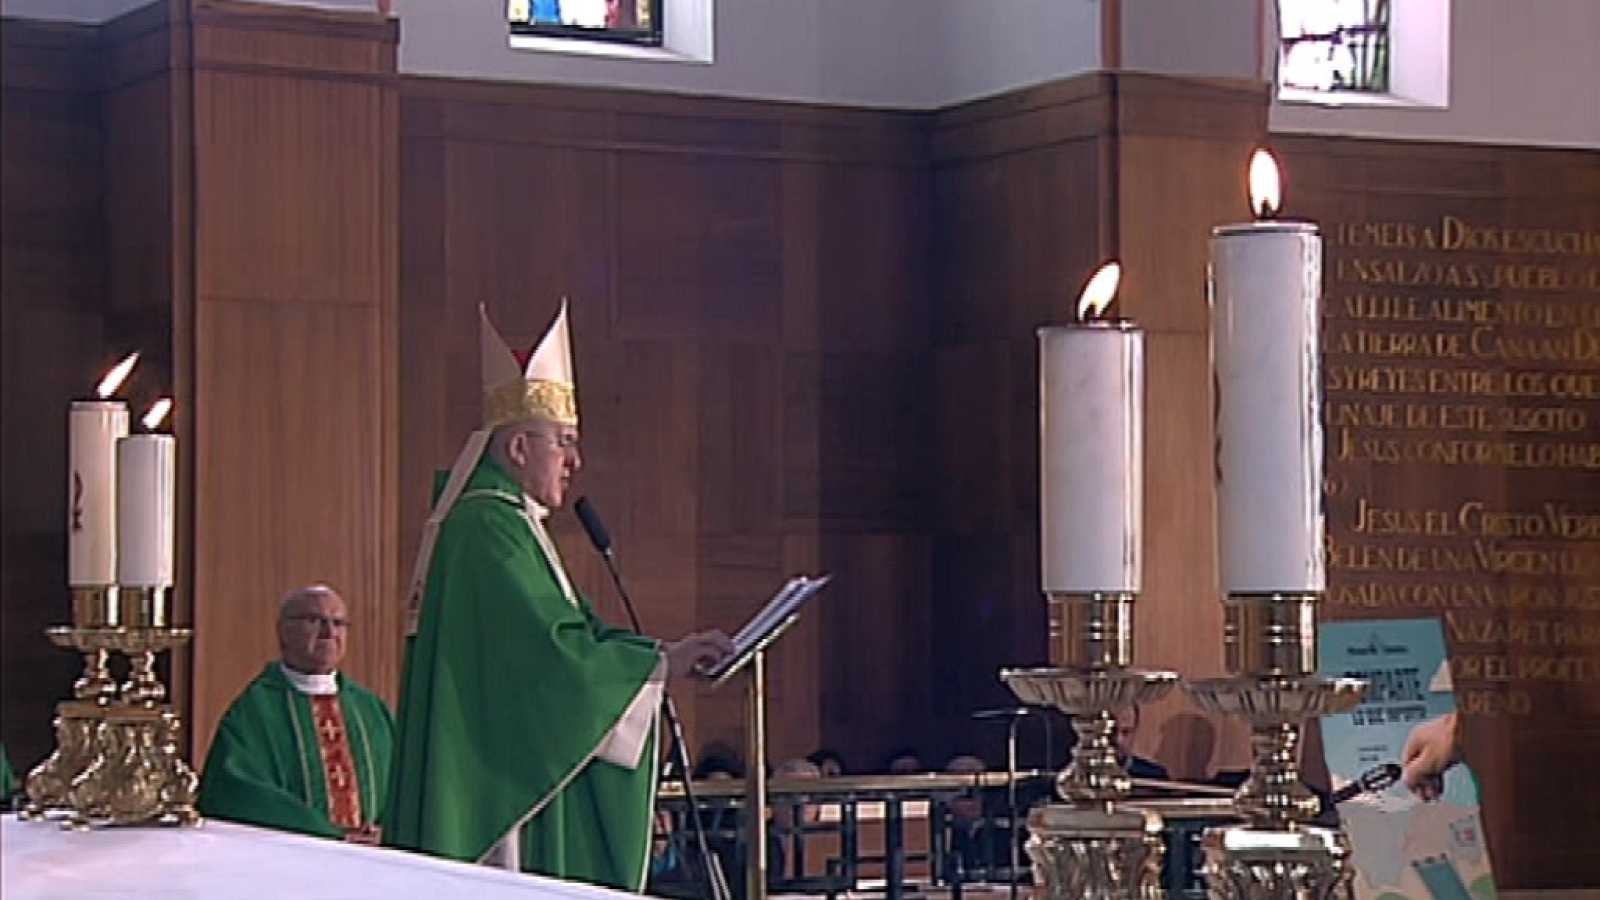 El día del Señor - Parroquia de Santa María Micaela - ver ahora